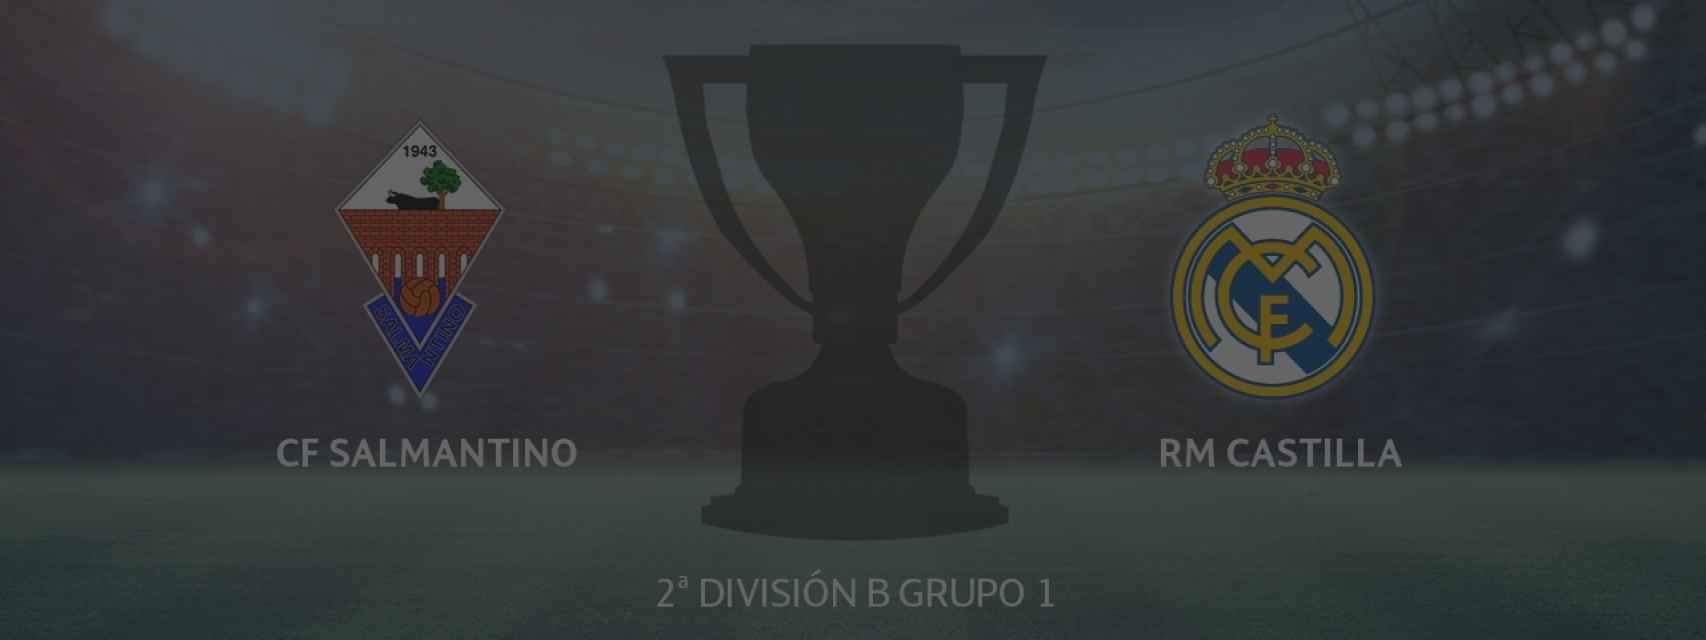 Salmantino - Real Madrid Castilla